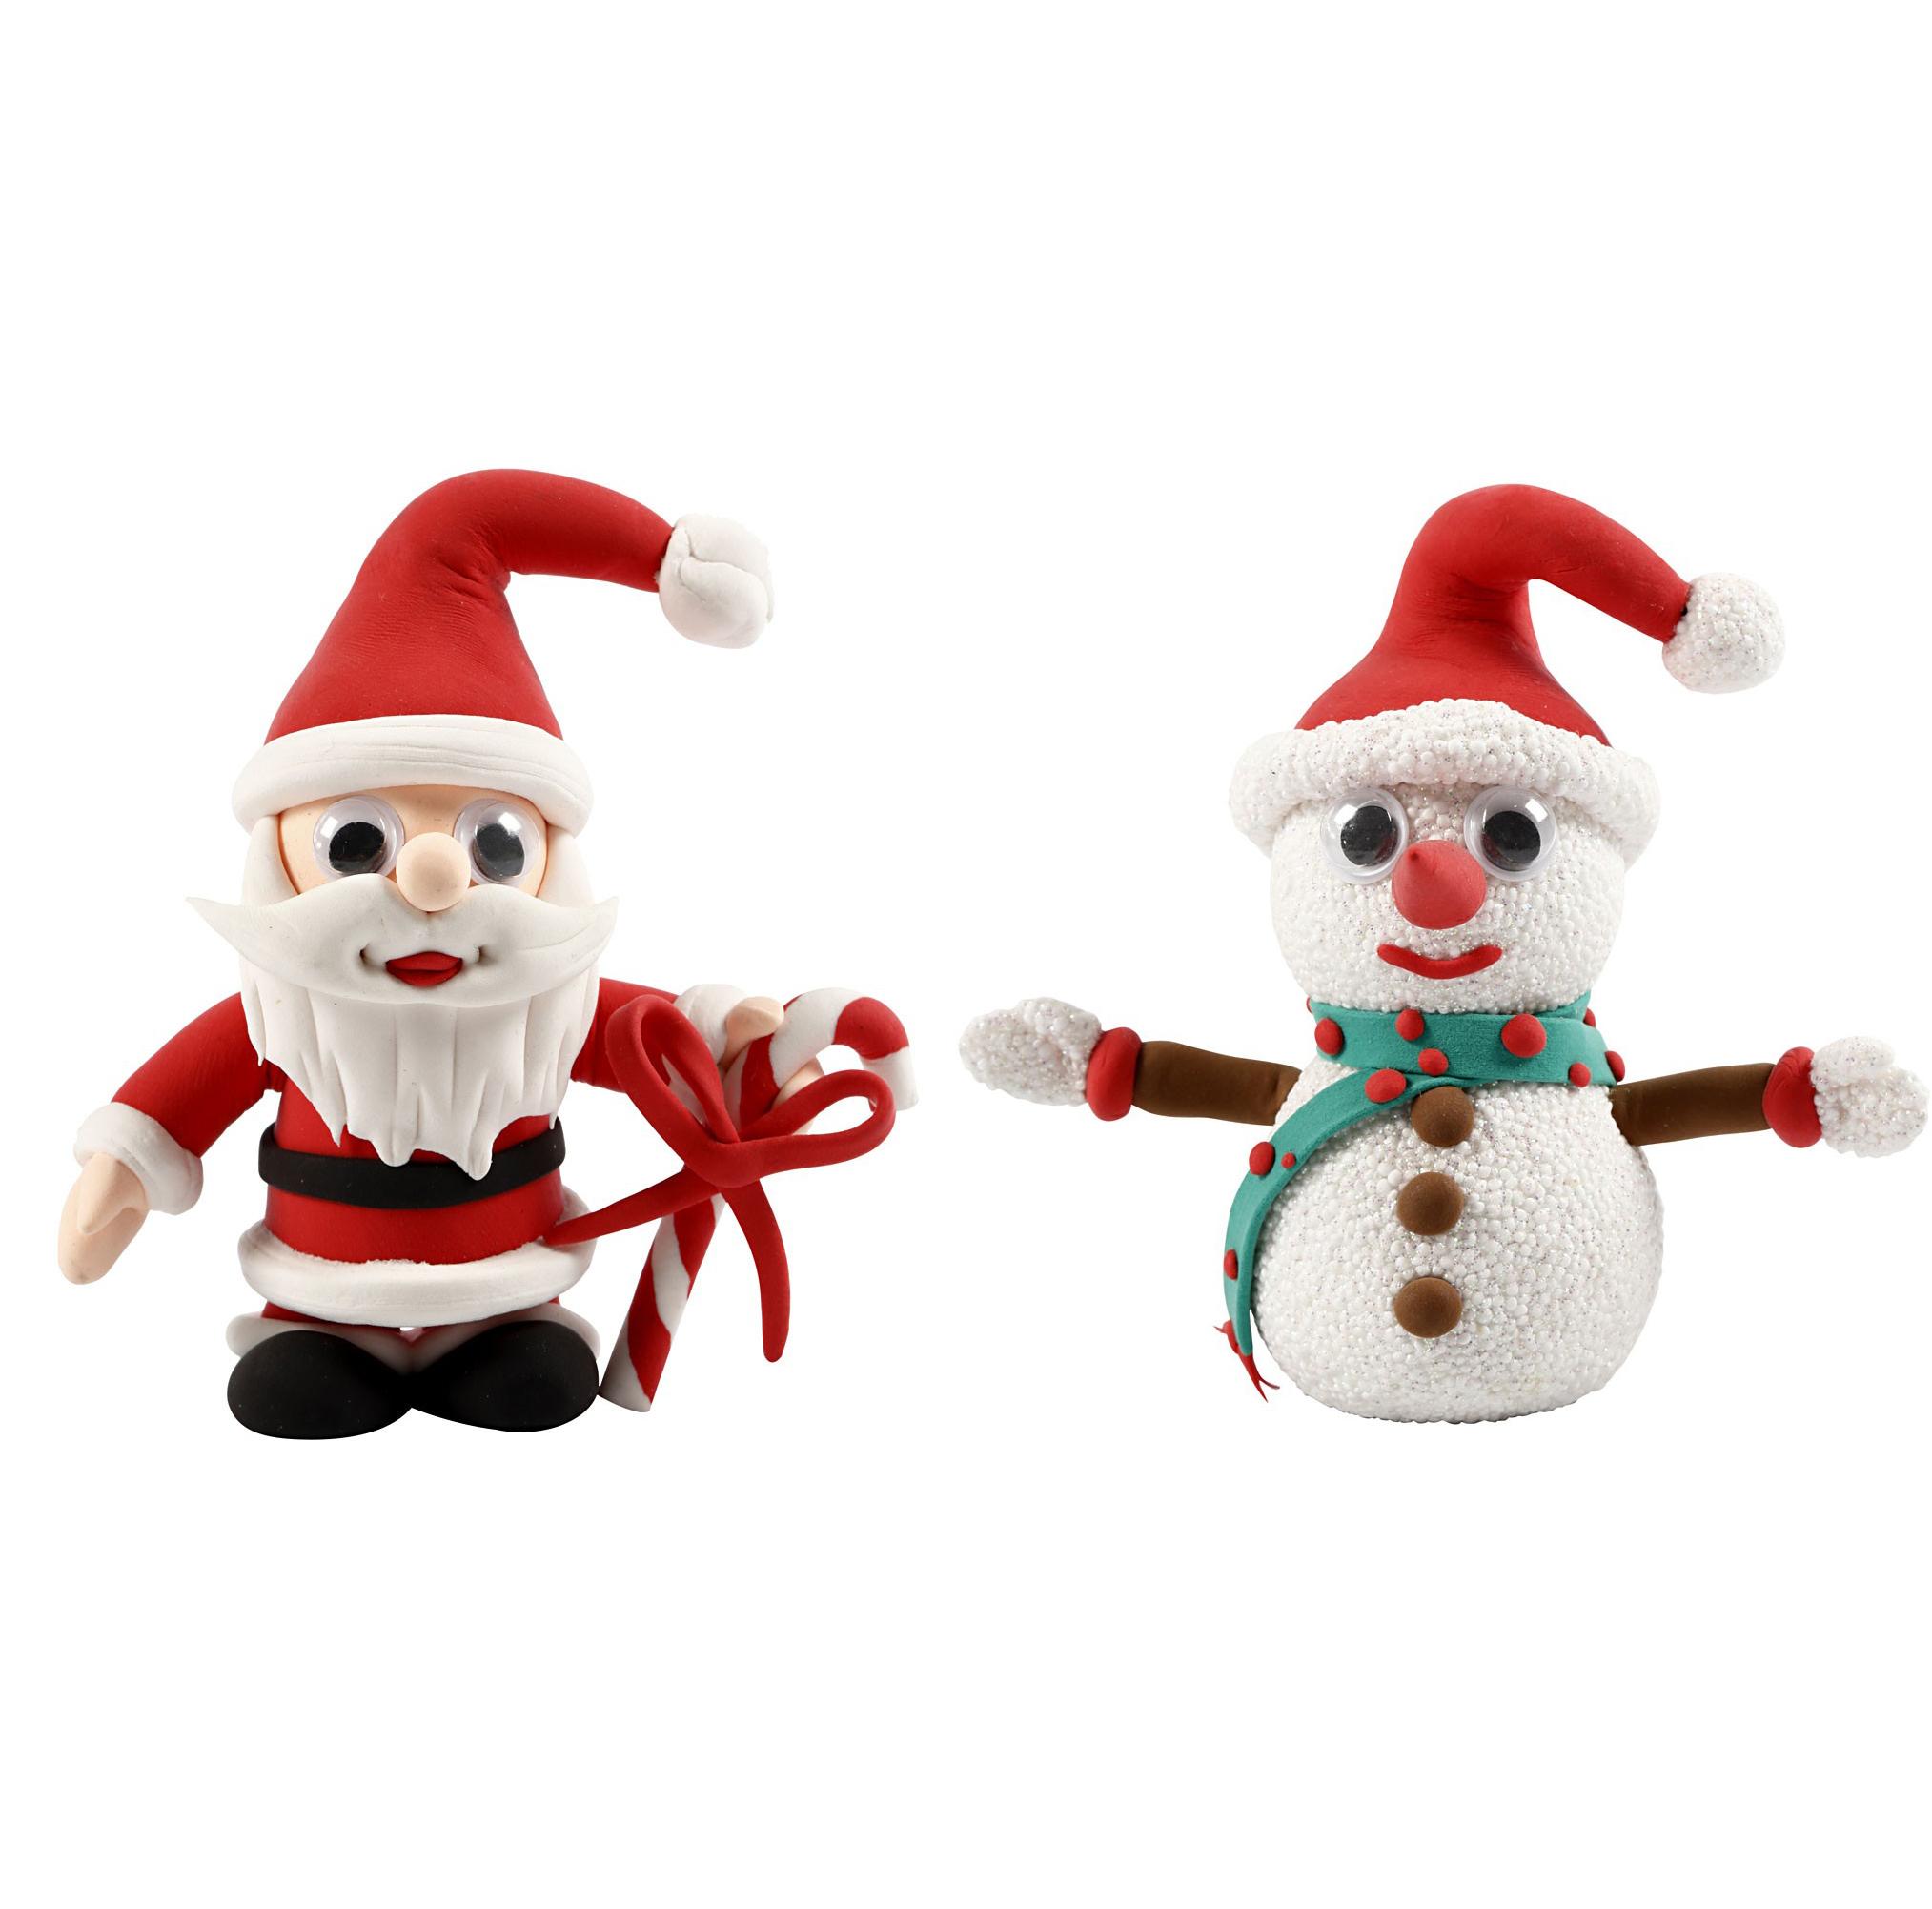 Kit créatif pâte à modeler autodurcissante personnages de Noël - Les récréations créatives